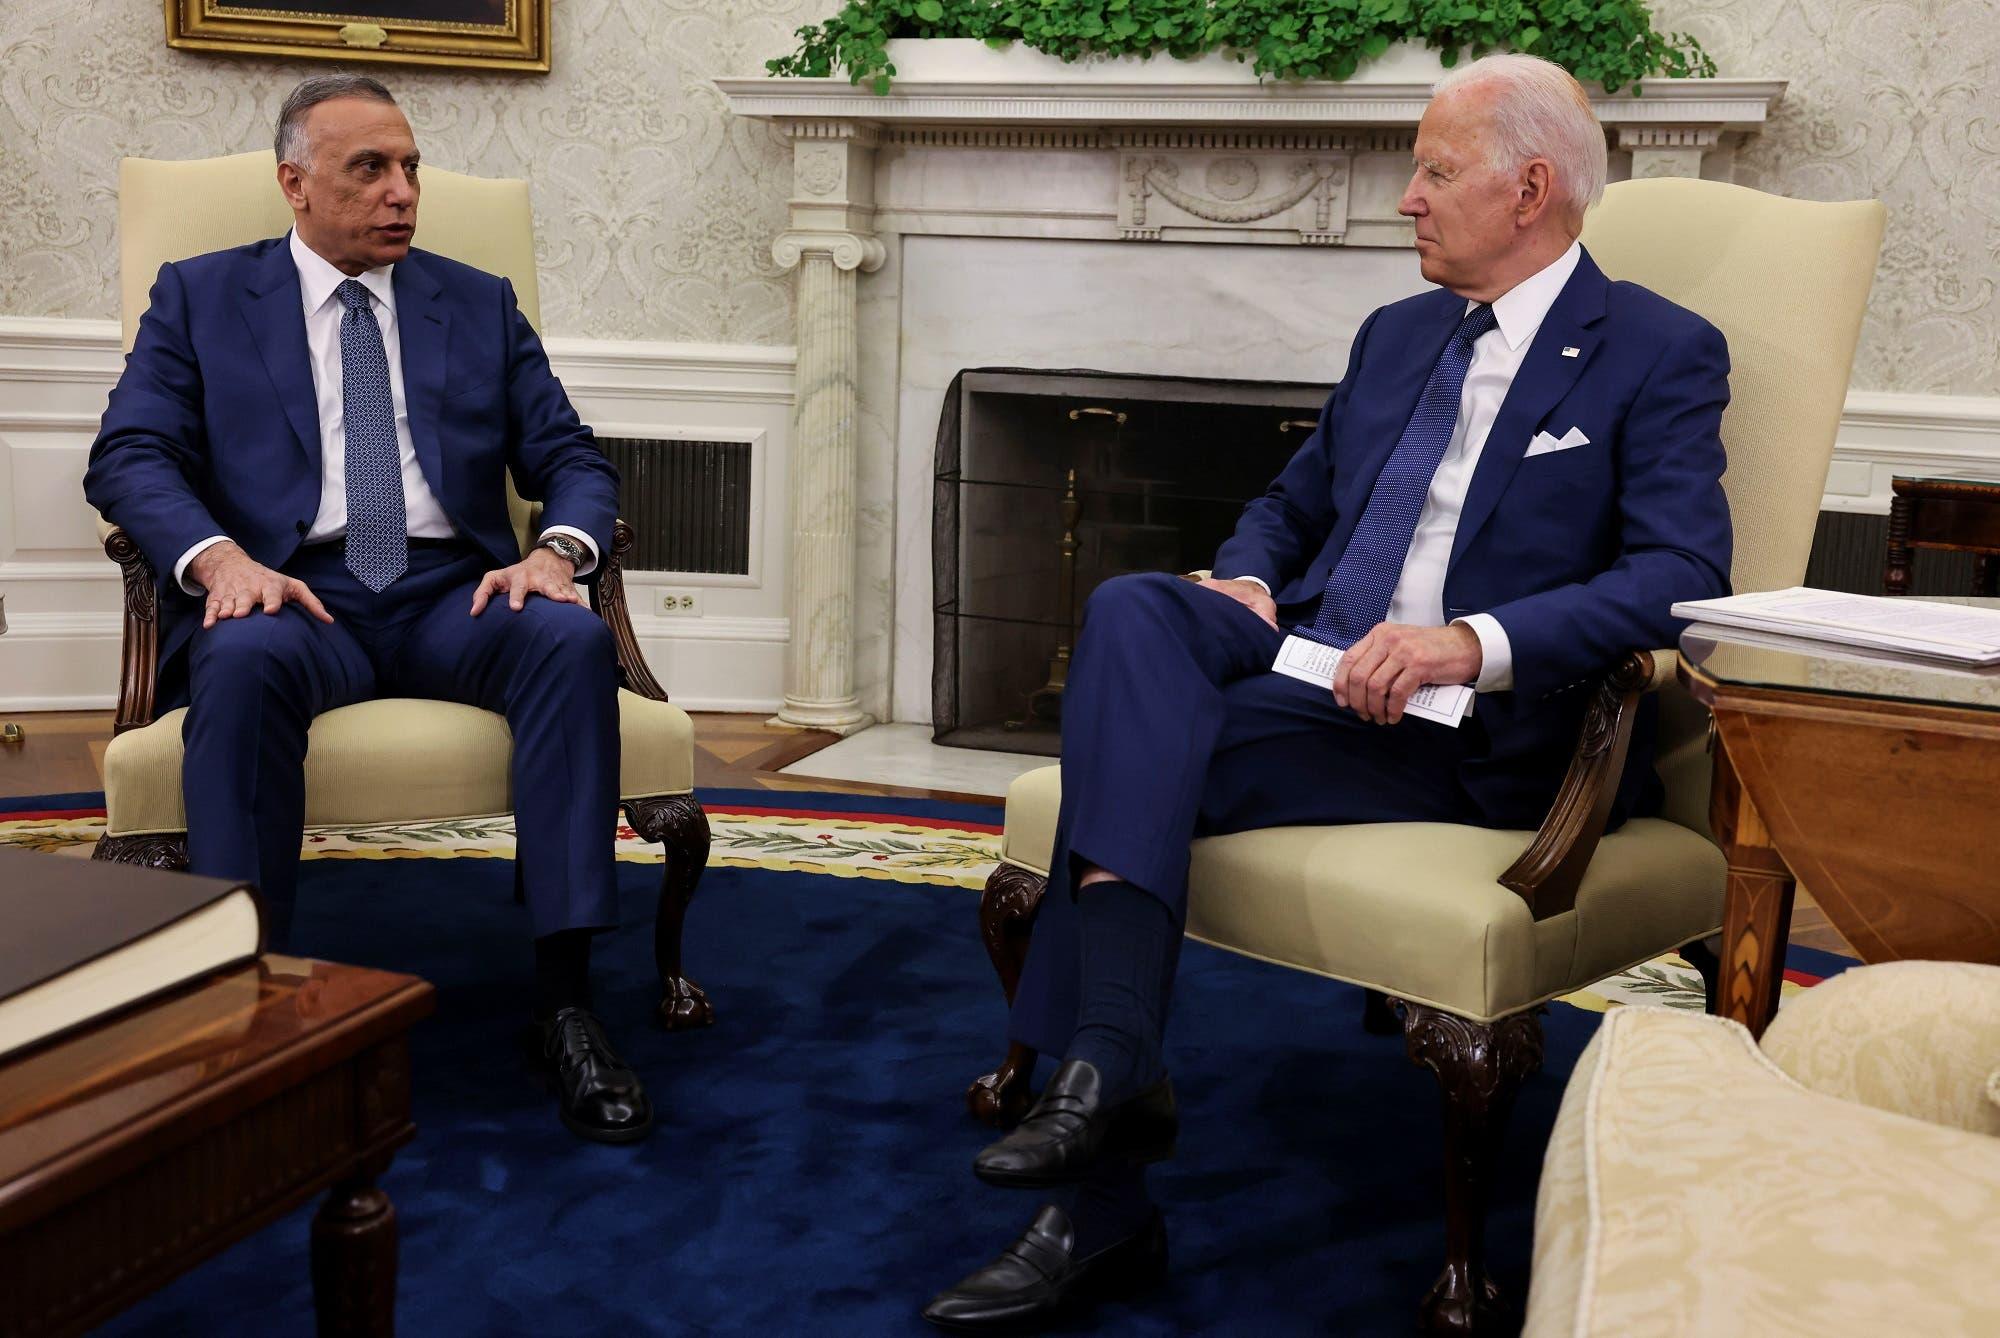 بايدن والكاظمي في البيت الأبيض يوم 26 يوليو 2021 (رويترز)